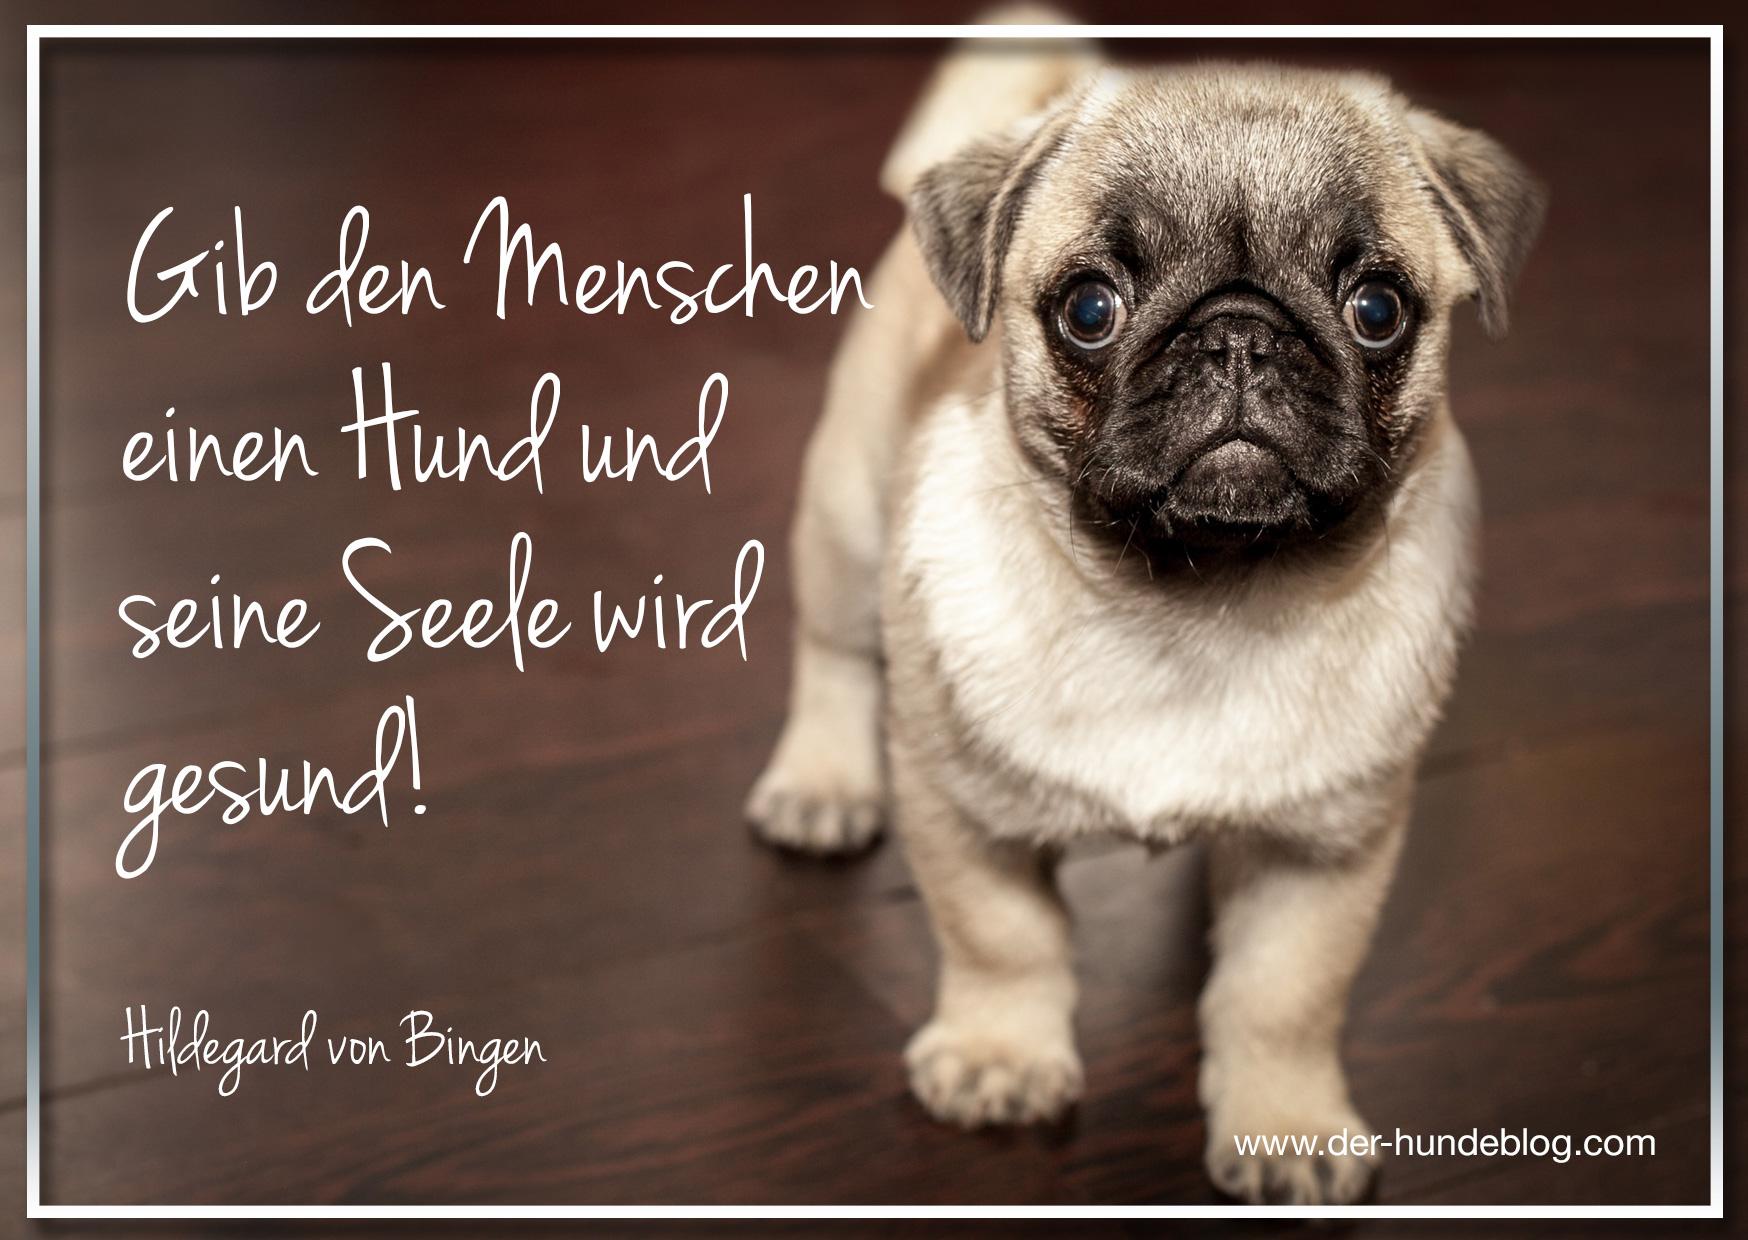 Der Hundeblog I Hundespruche Und Zitate